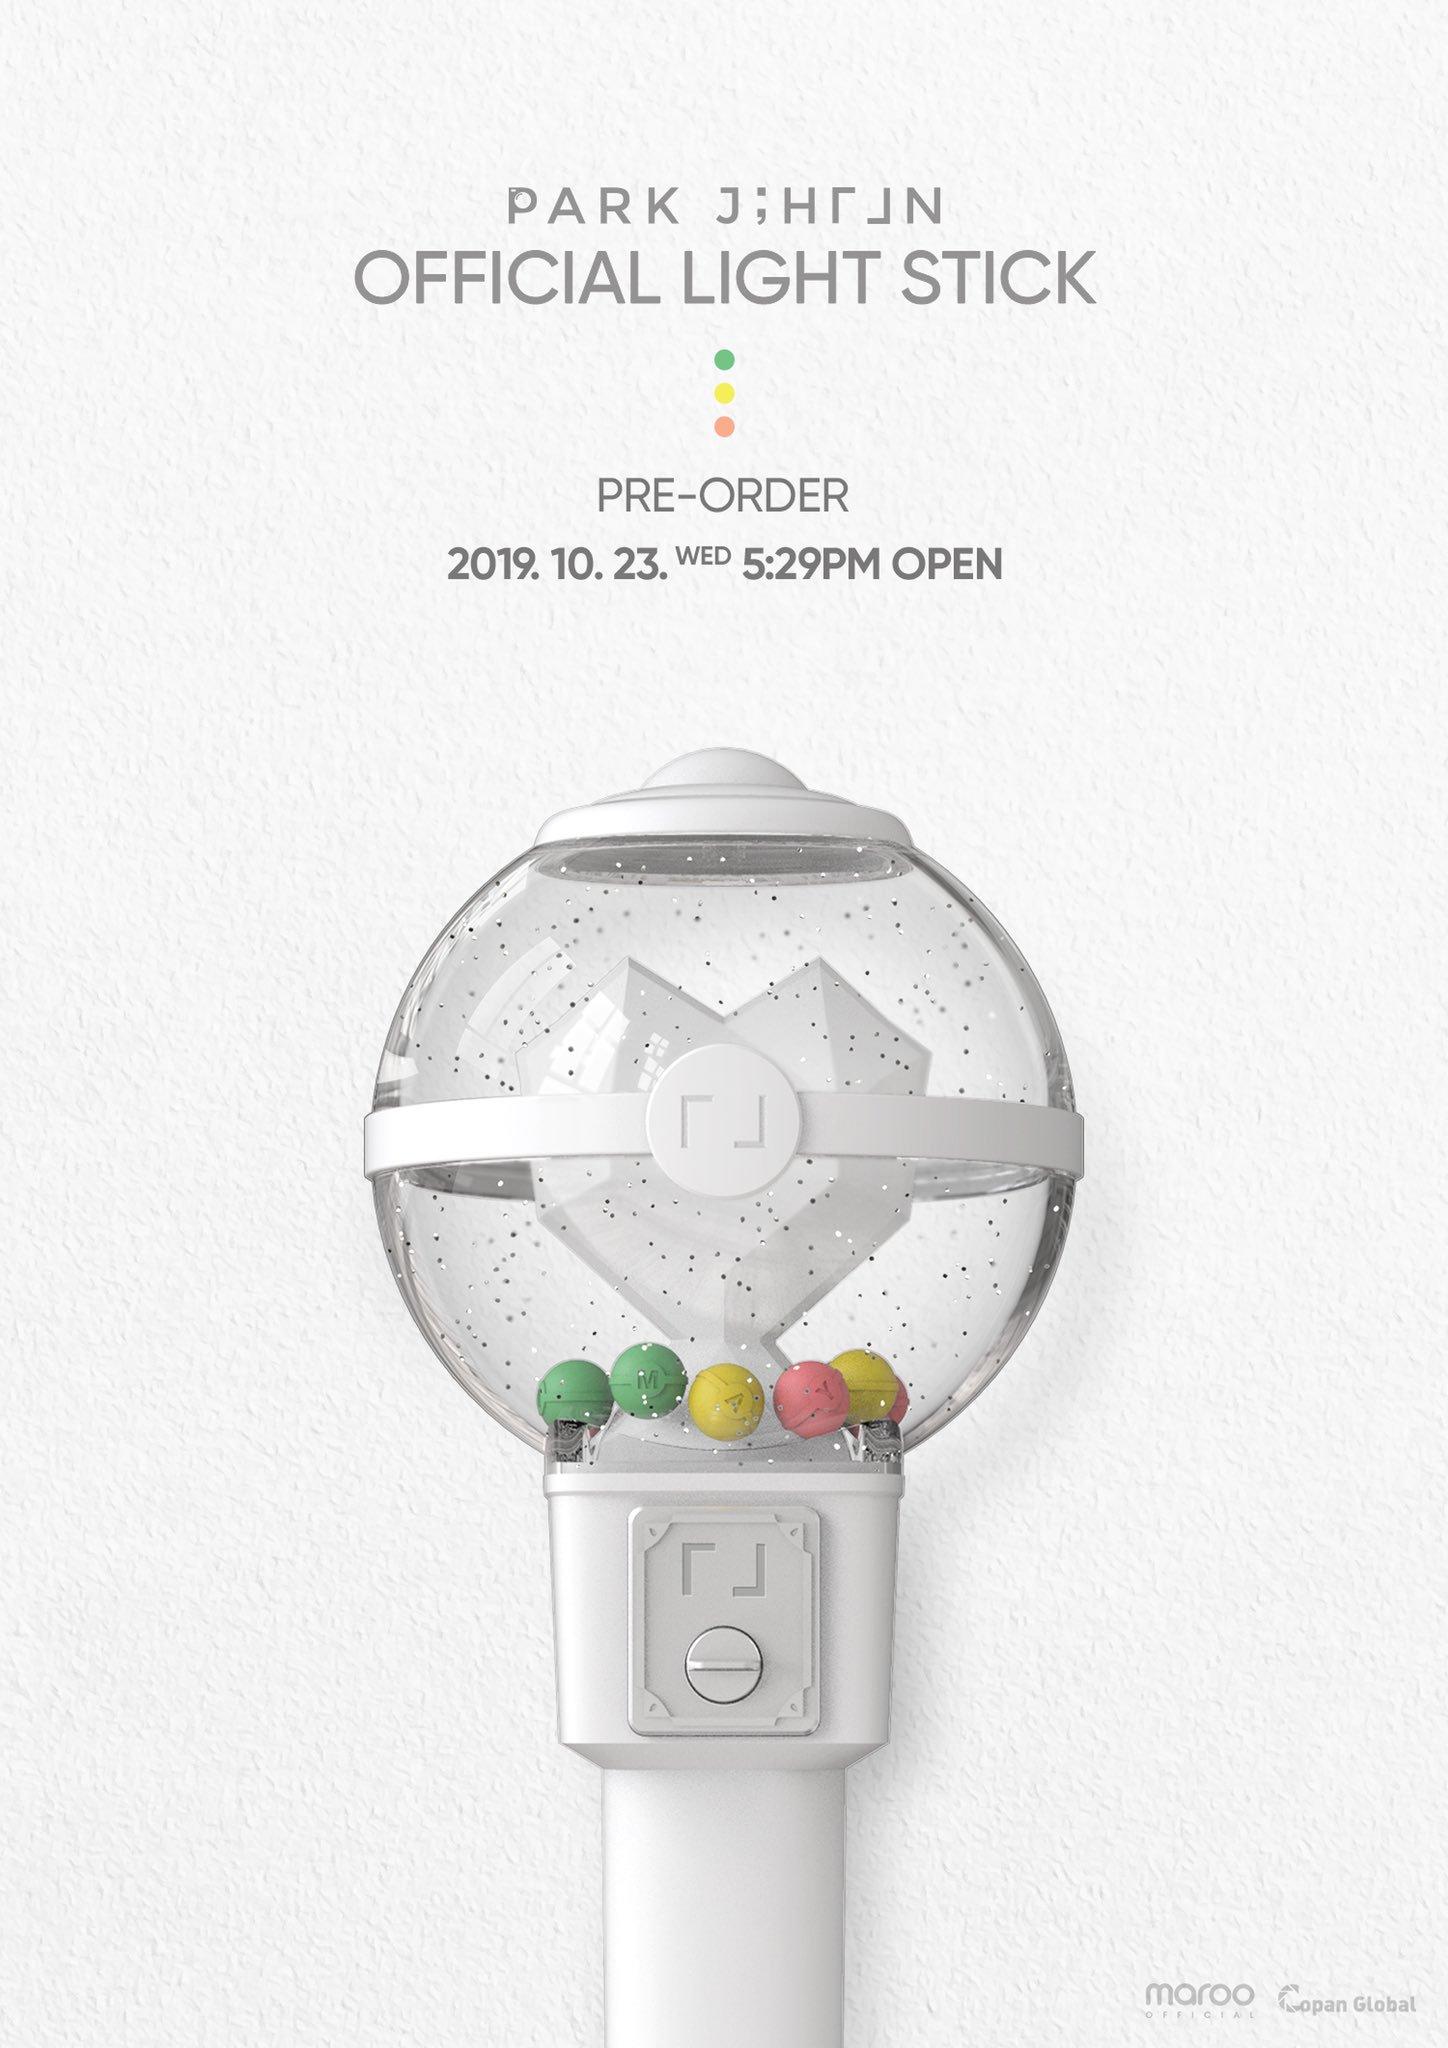 park jihoon official light stick